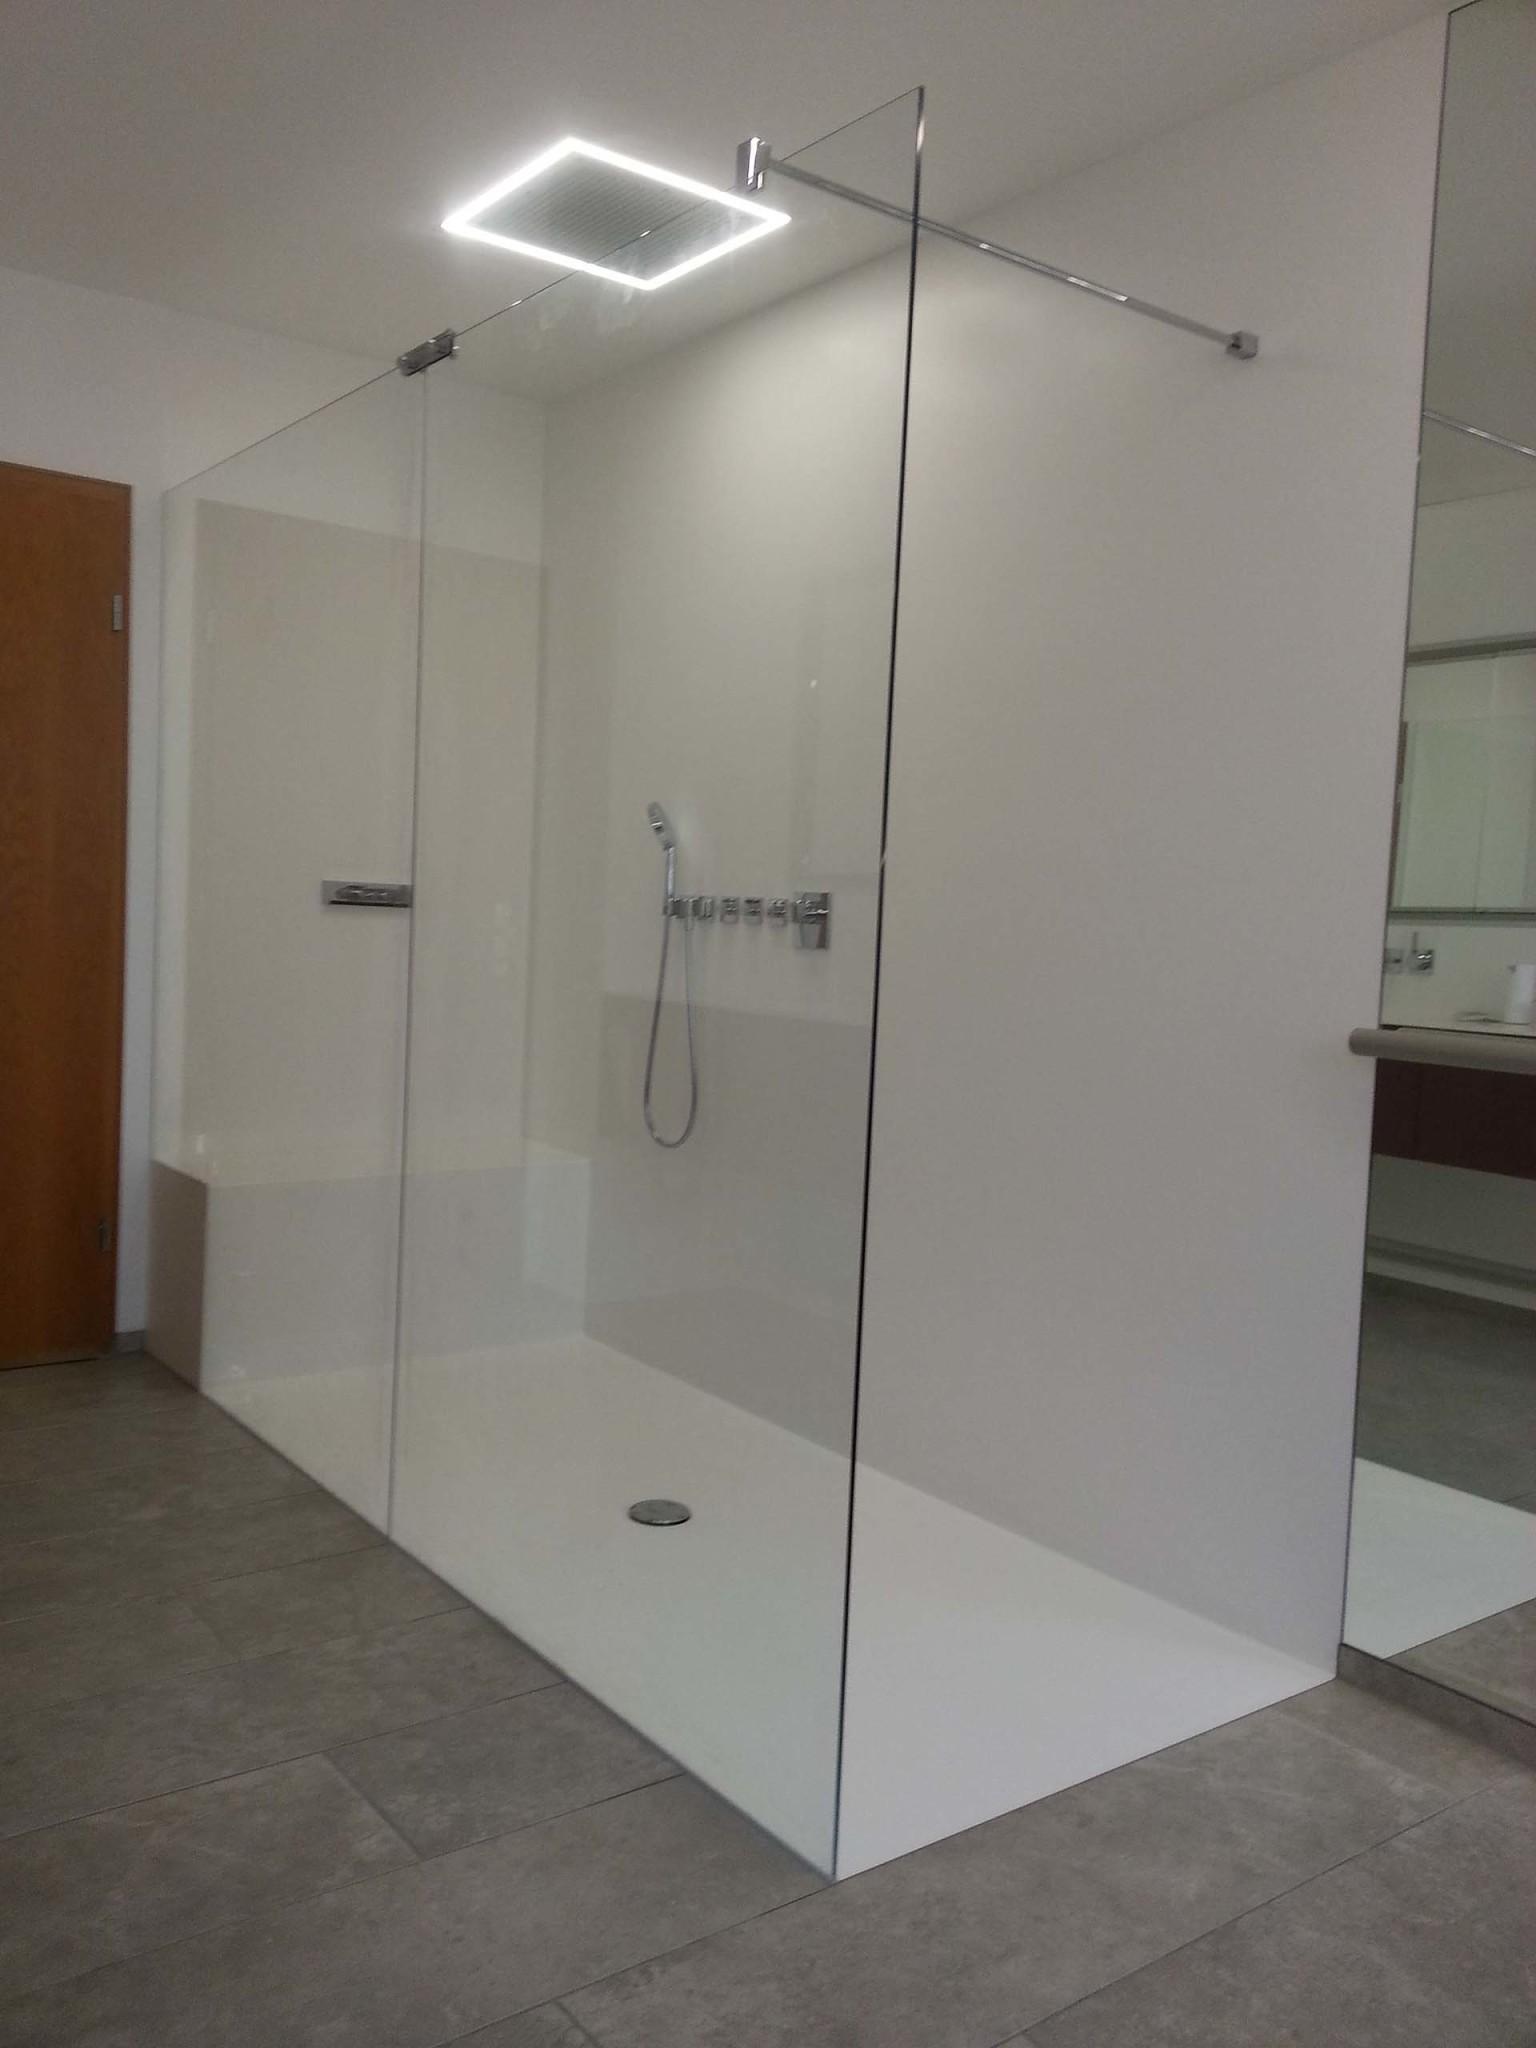 Übergrosse Trennwand bestehend aus zwei Glasteilen in der Mitte gestossen mit Stabilisationsstange